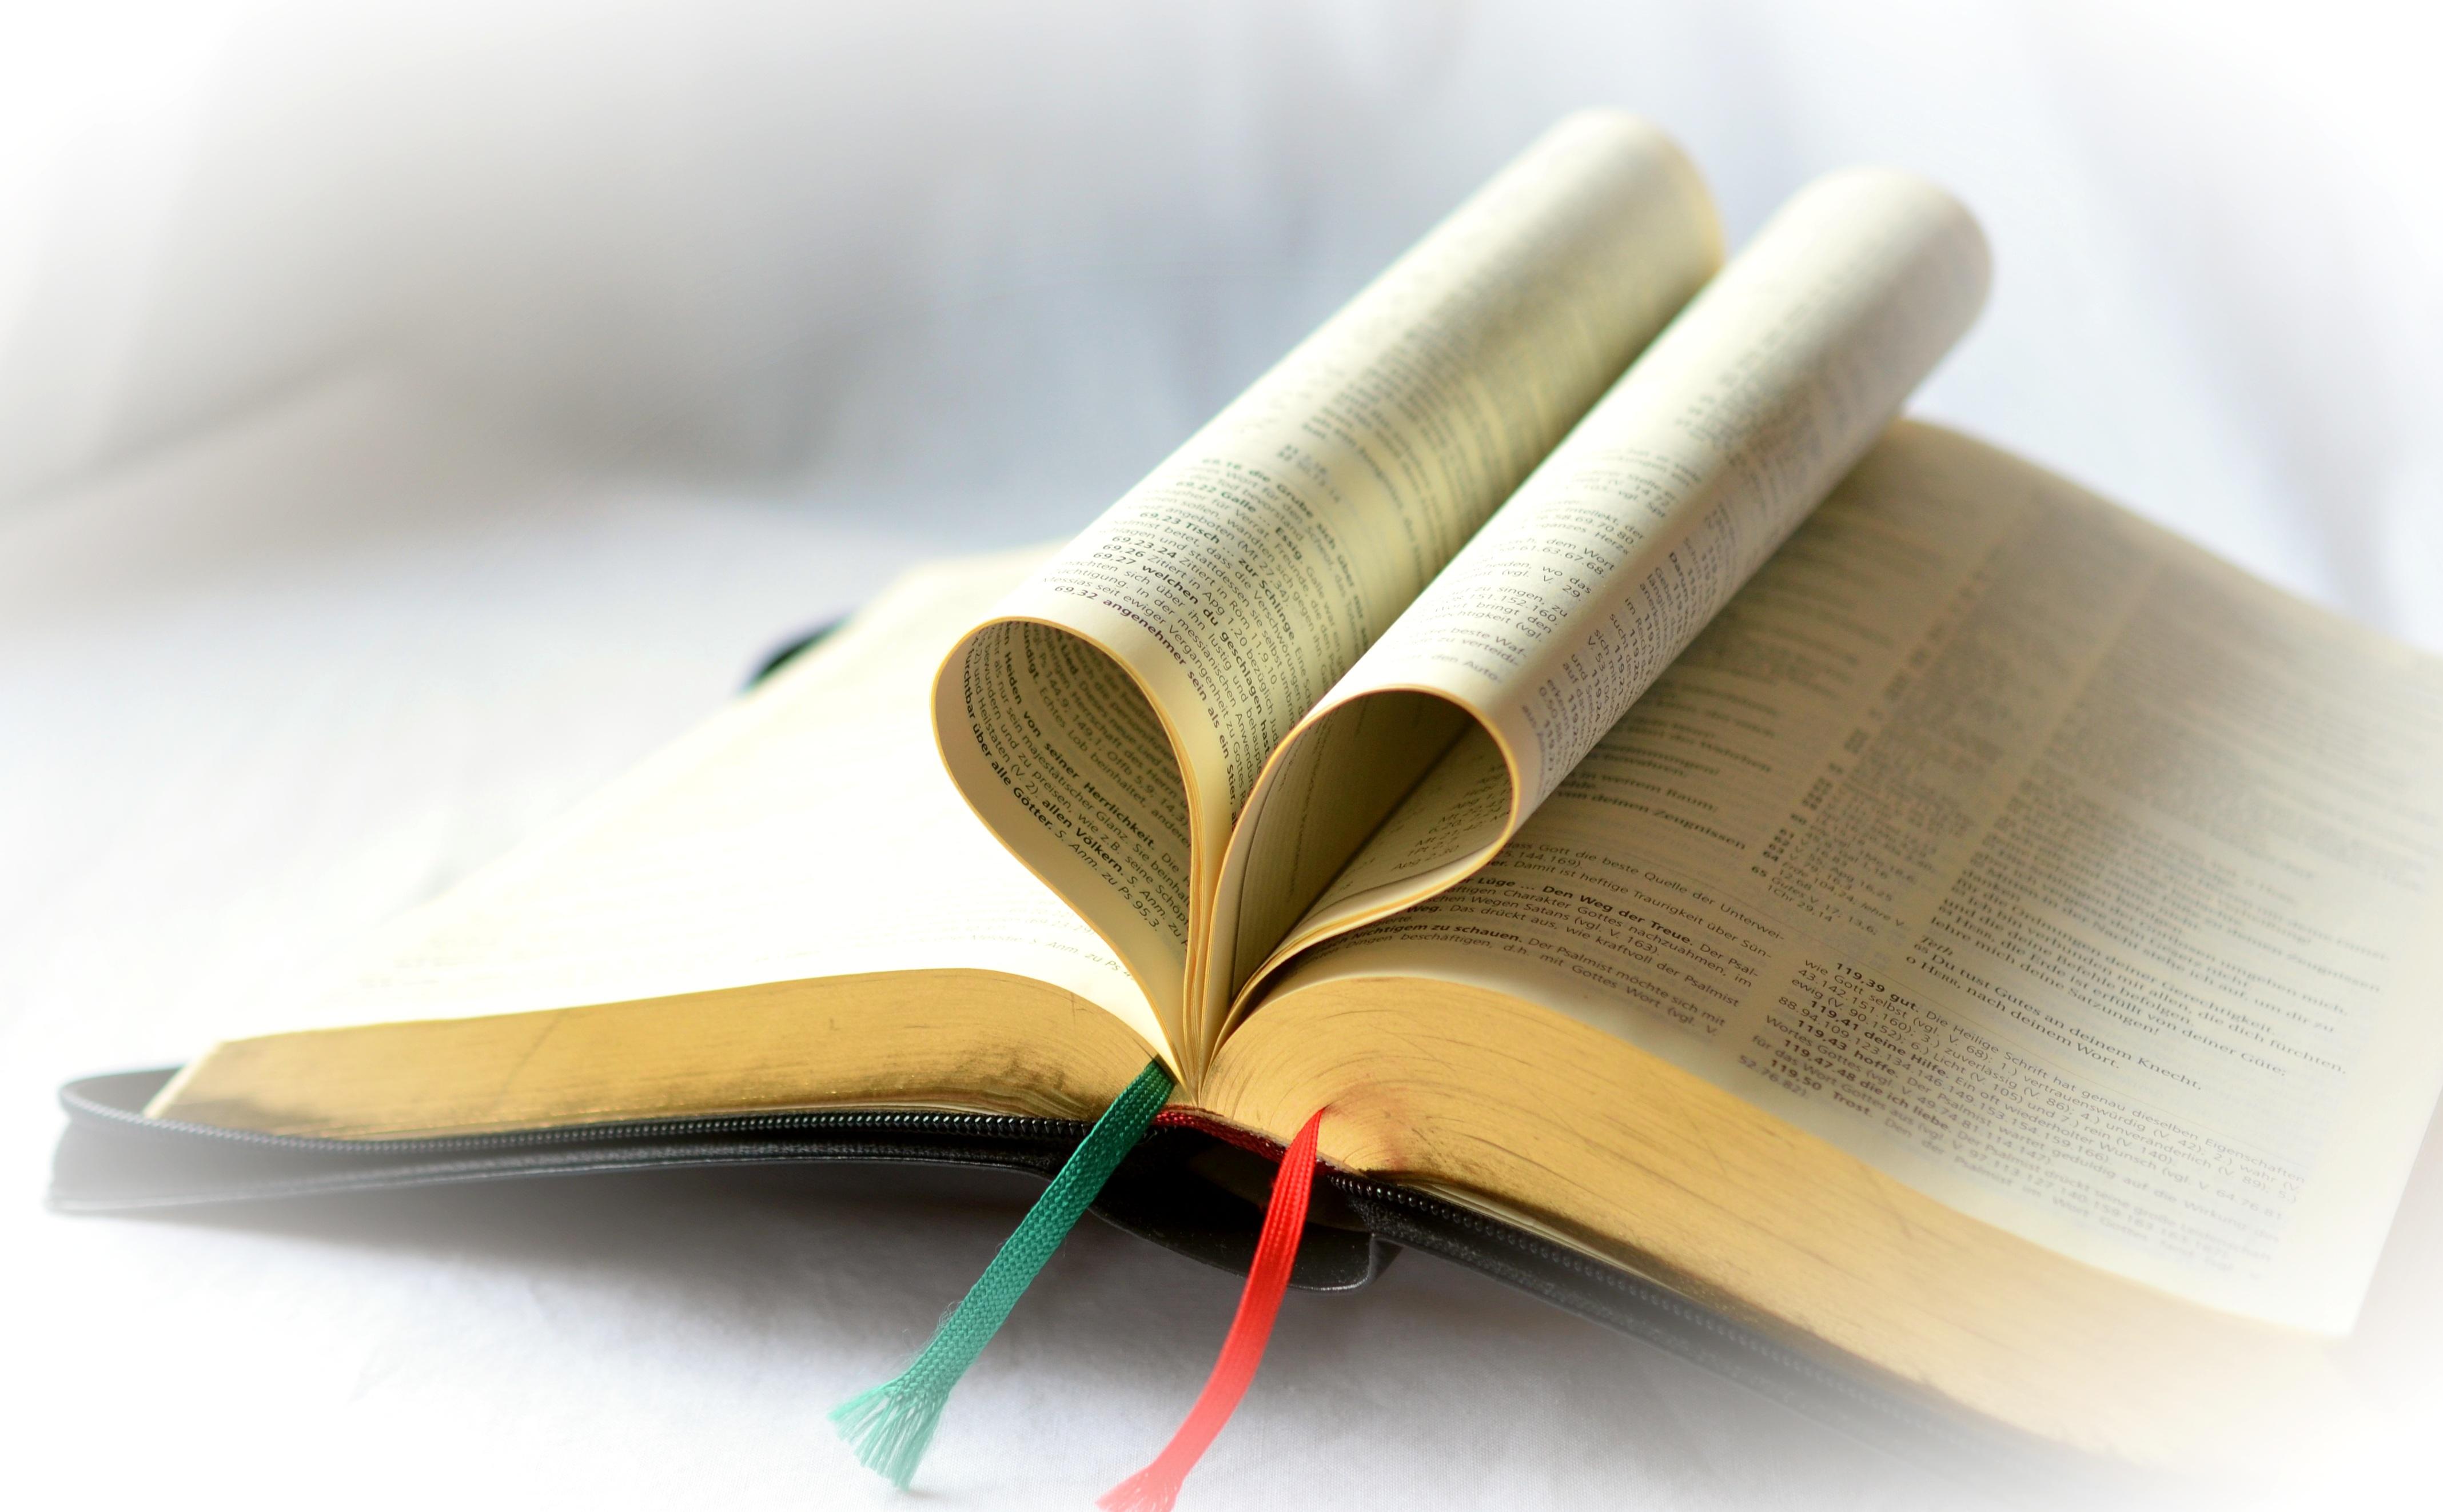 Kostenlose foto : Schreiben, Buch, lesen, Christian, Bibel, Glauben ...